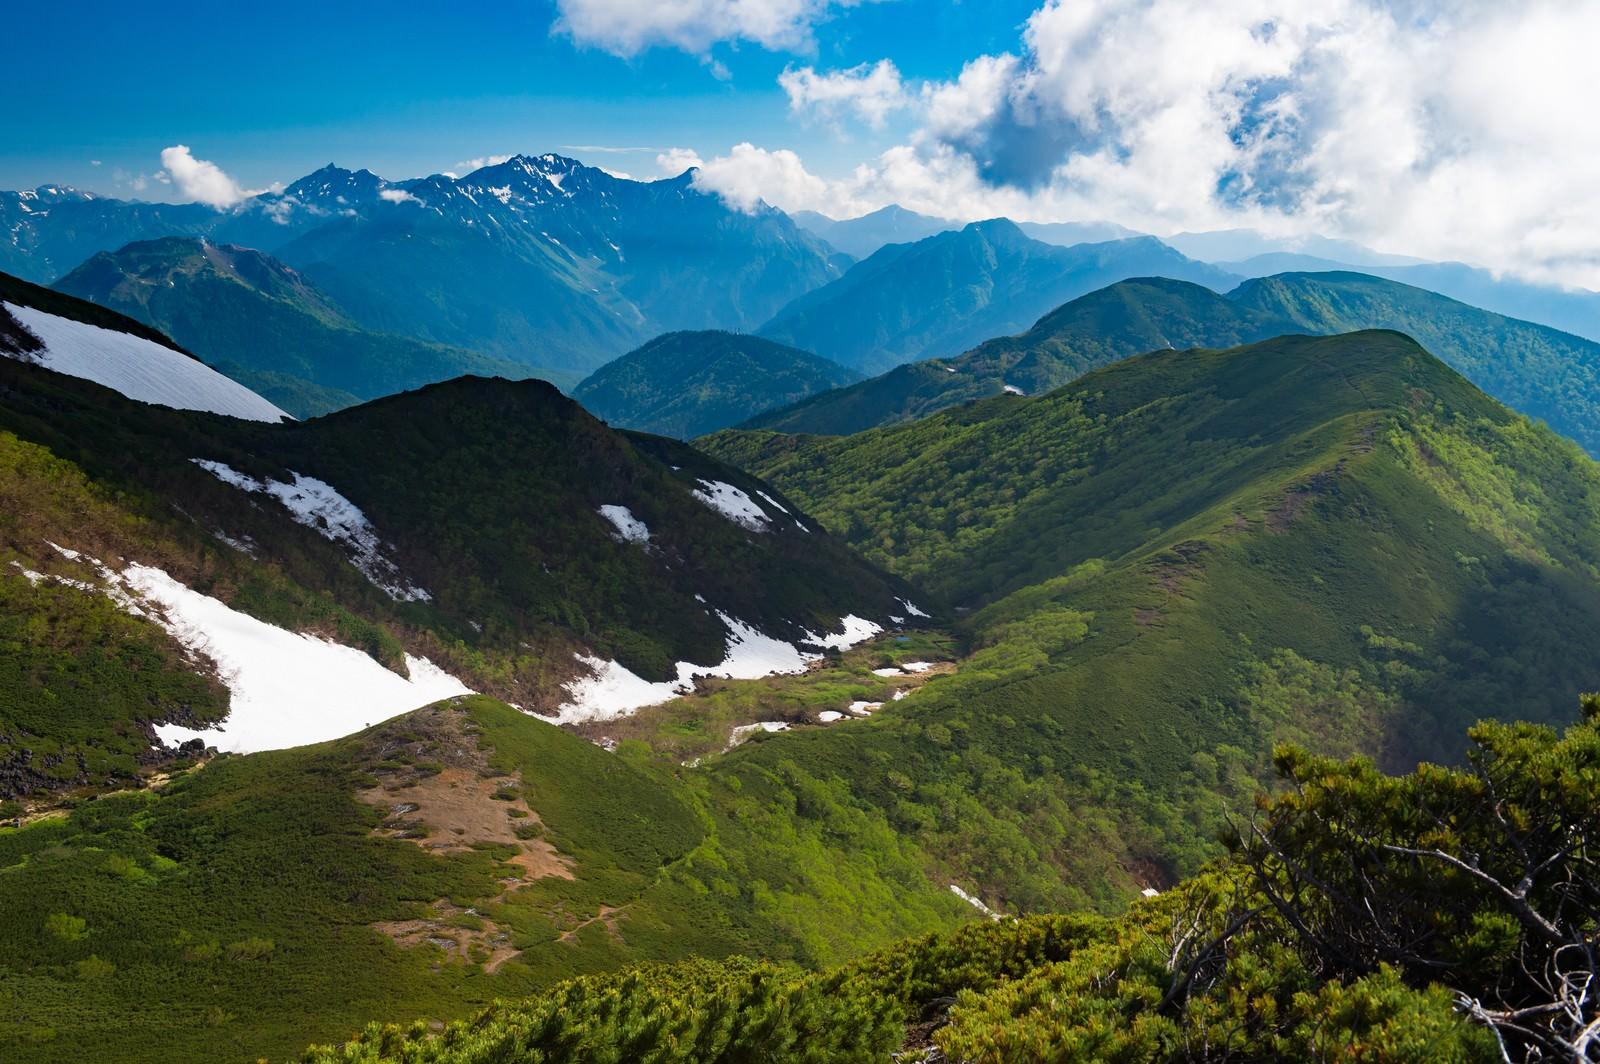 「雪が残る山間、乗鞍新登山道から見える景観」の写真